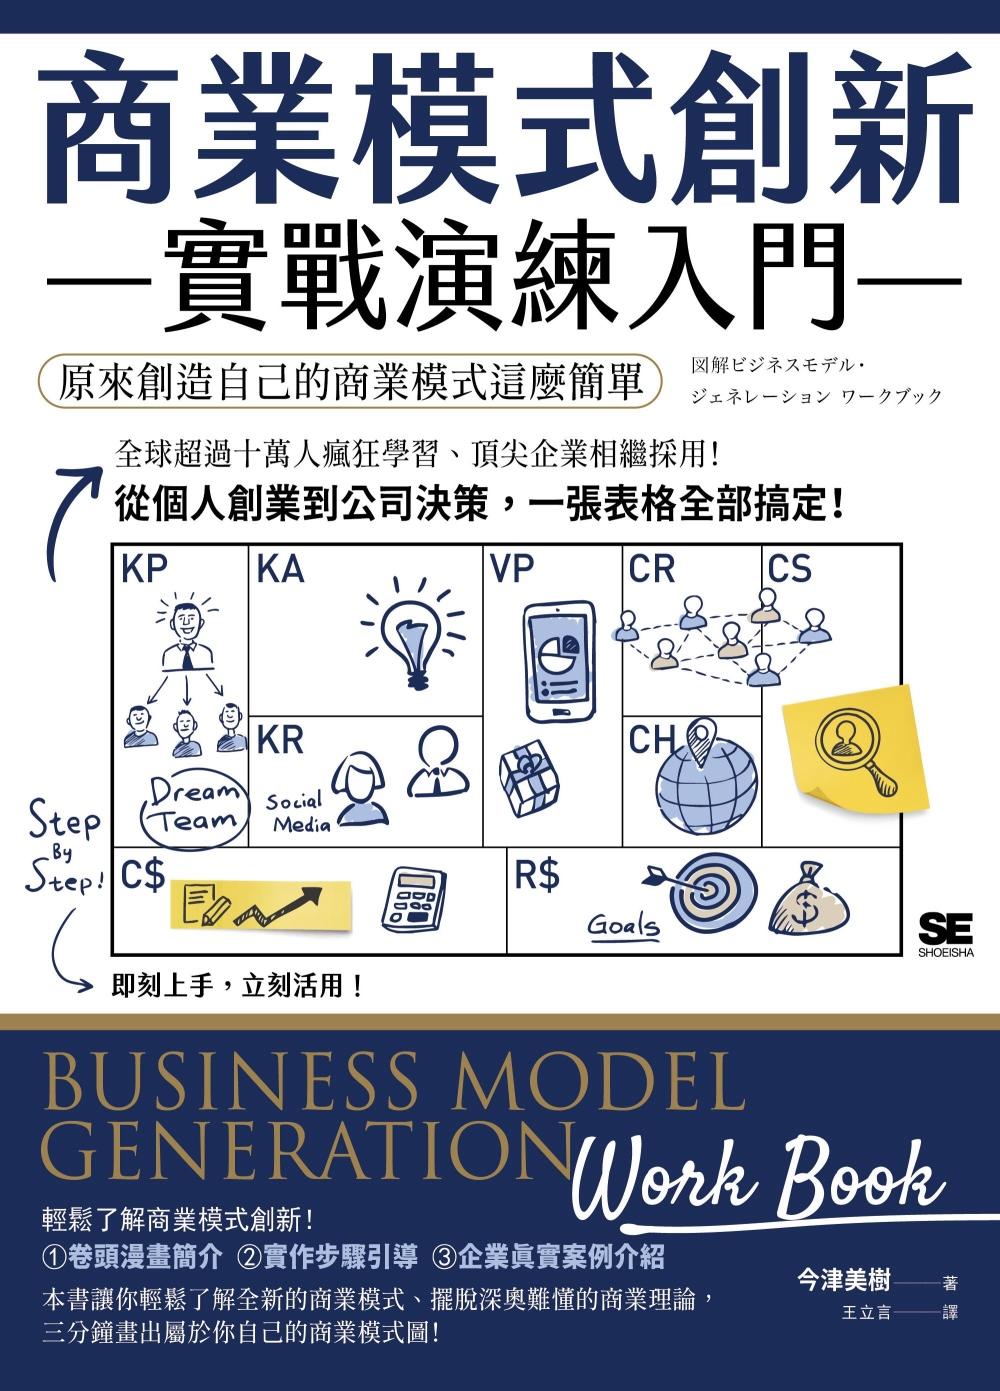 商業模式創新實戰演練入門:原來創造自己的商業模式這麼簡單